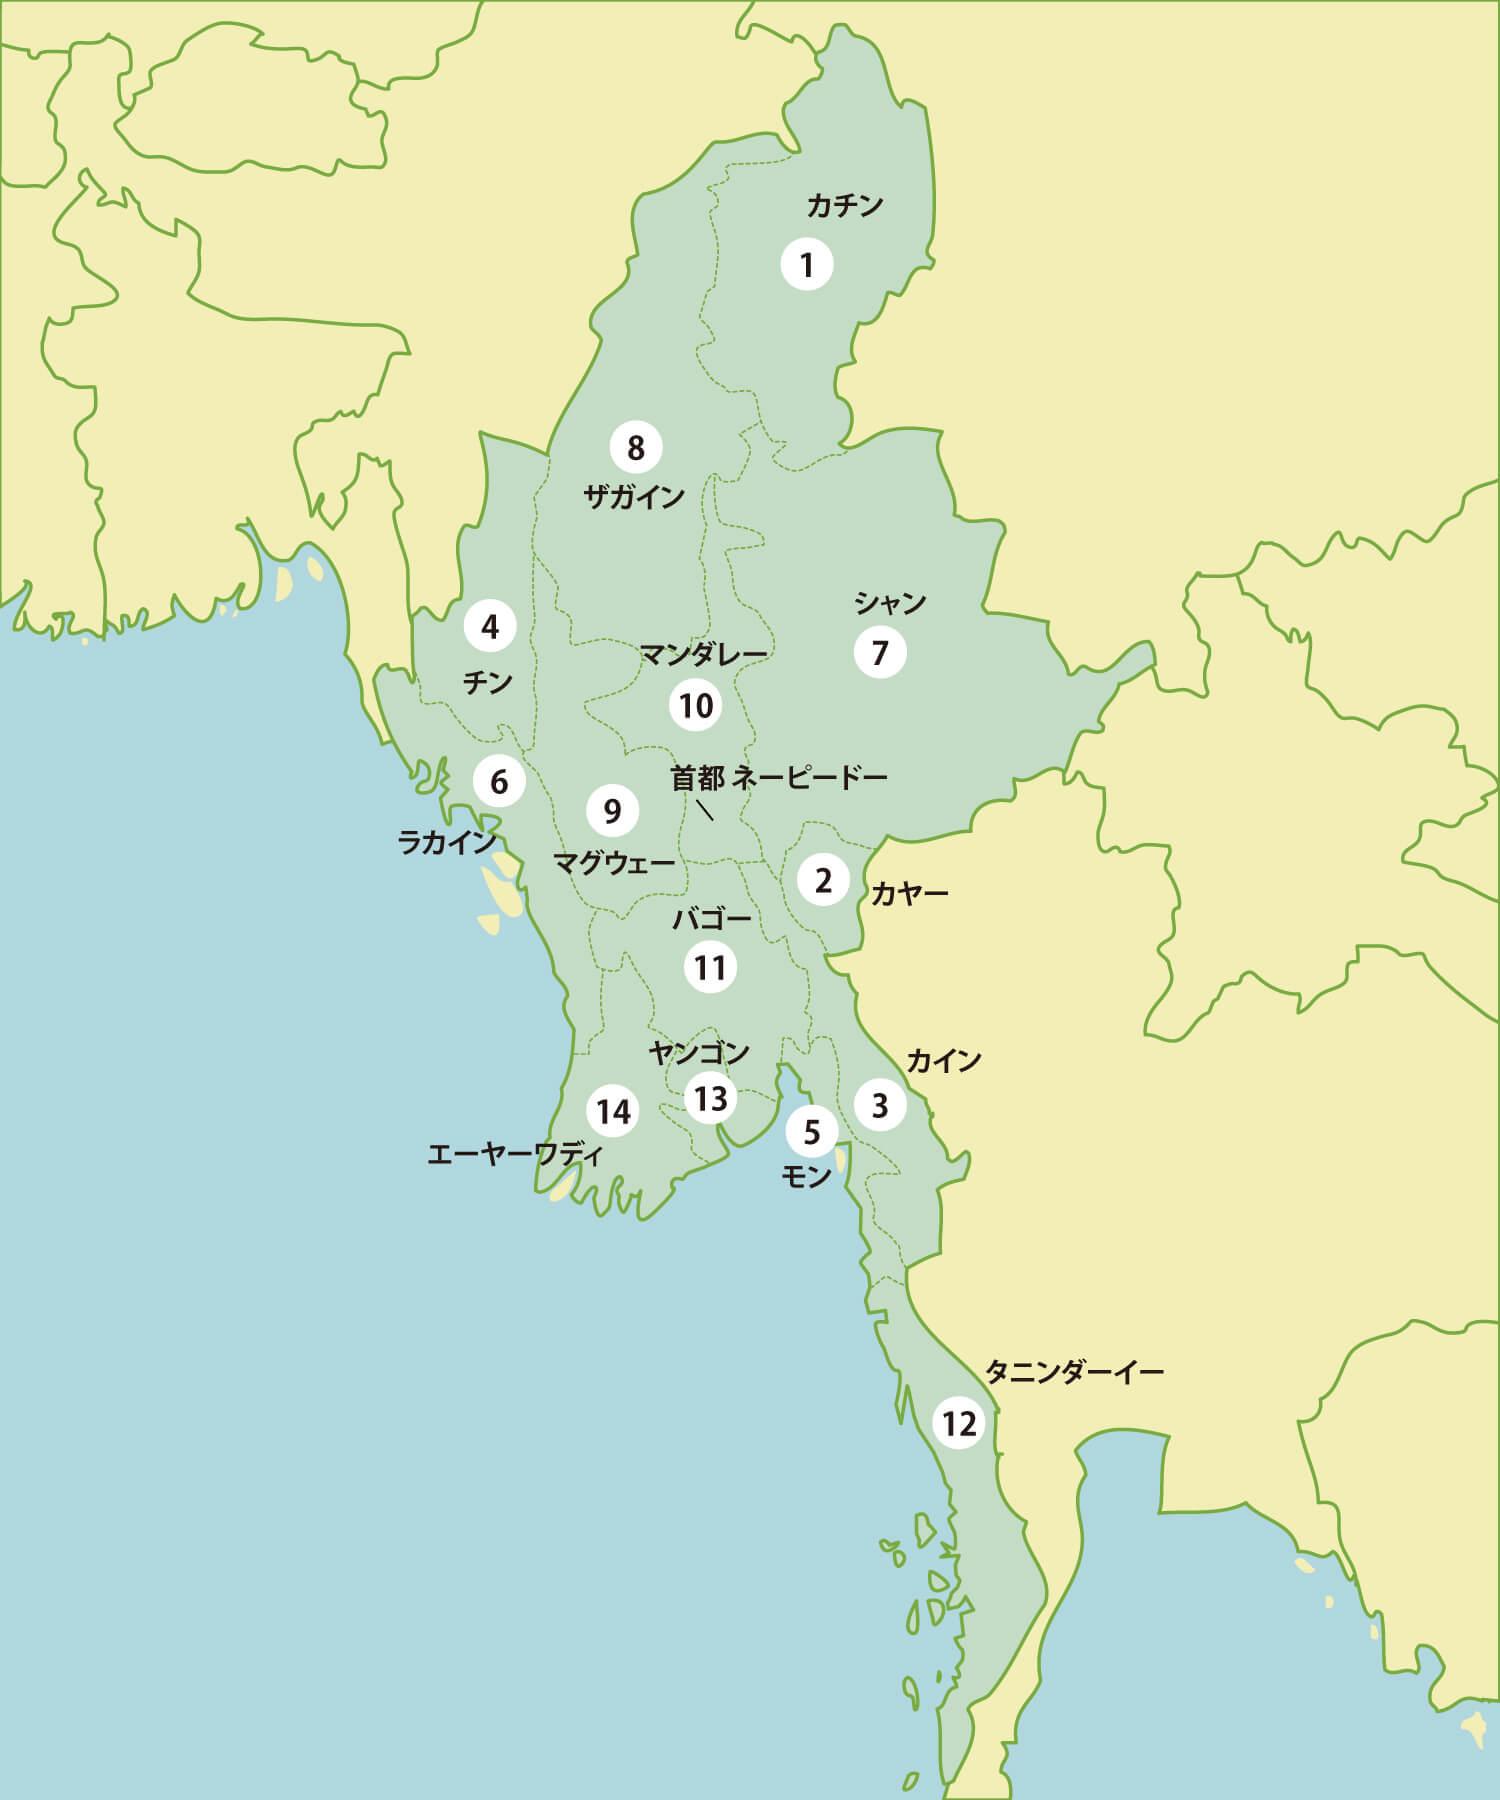 ミャンマーの工業団地リスト